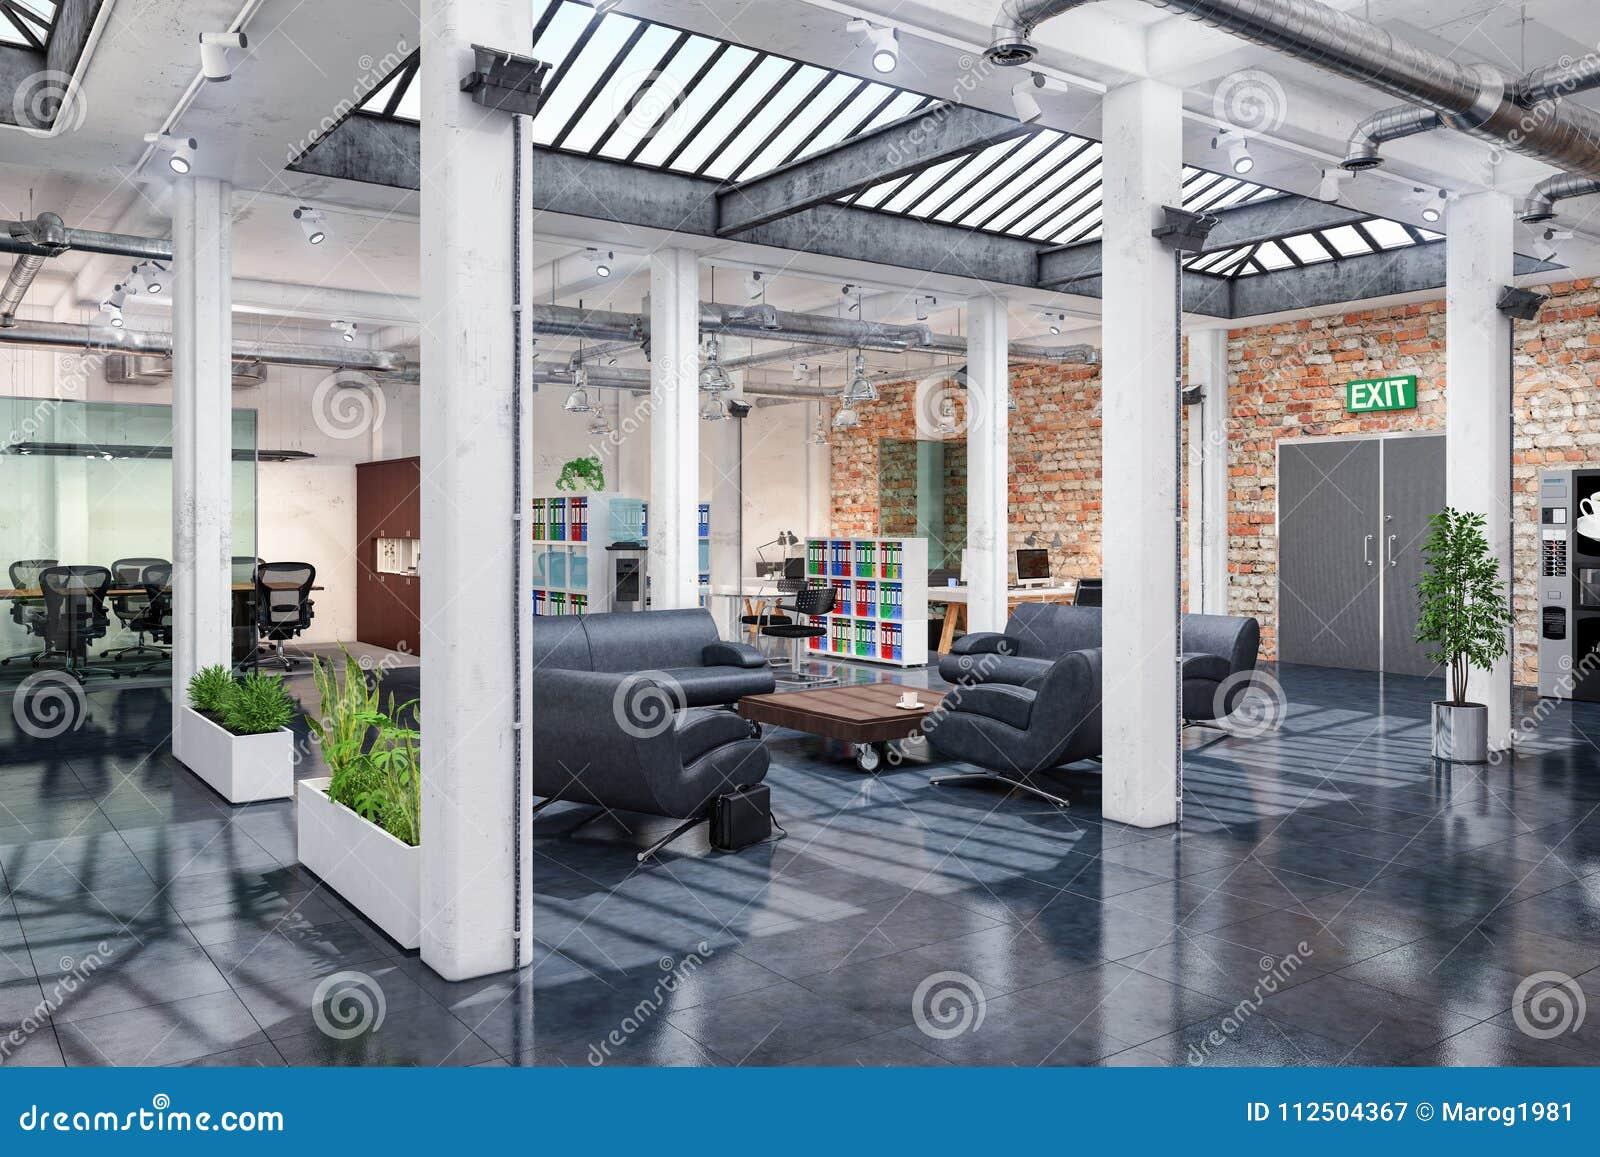 D rendent bureau ouvert de plan l immeuble de bureaux